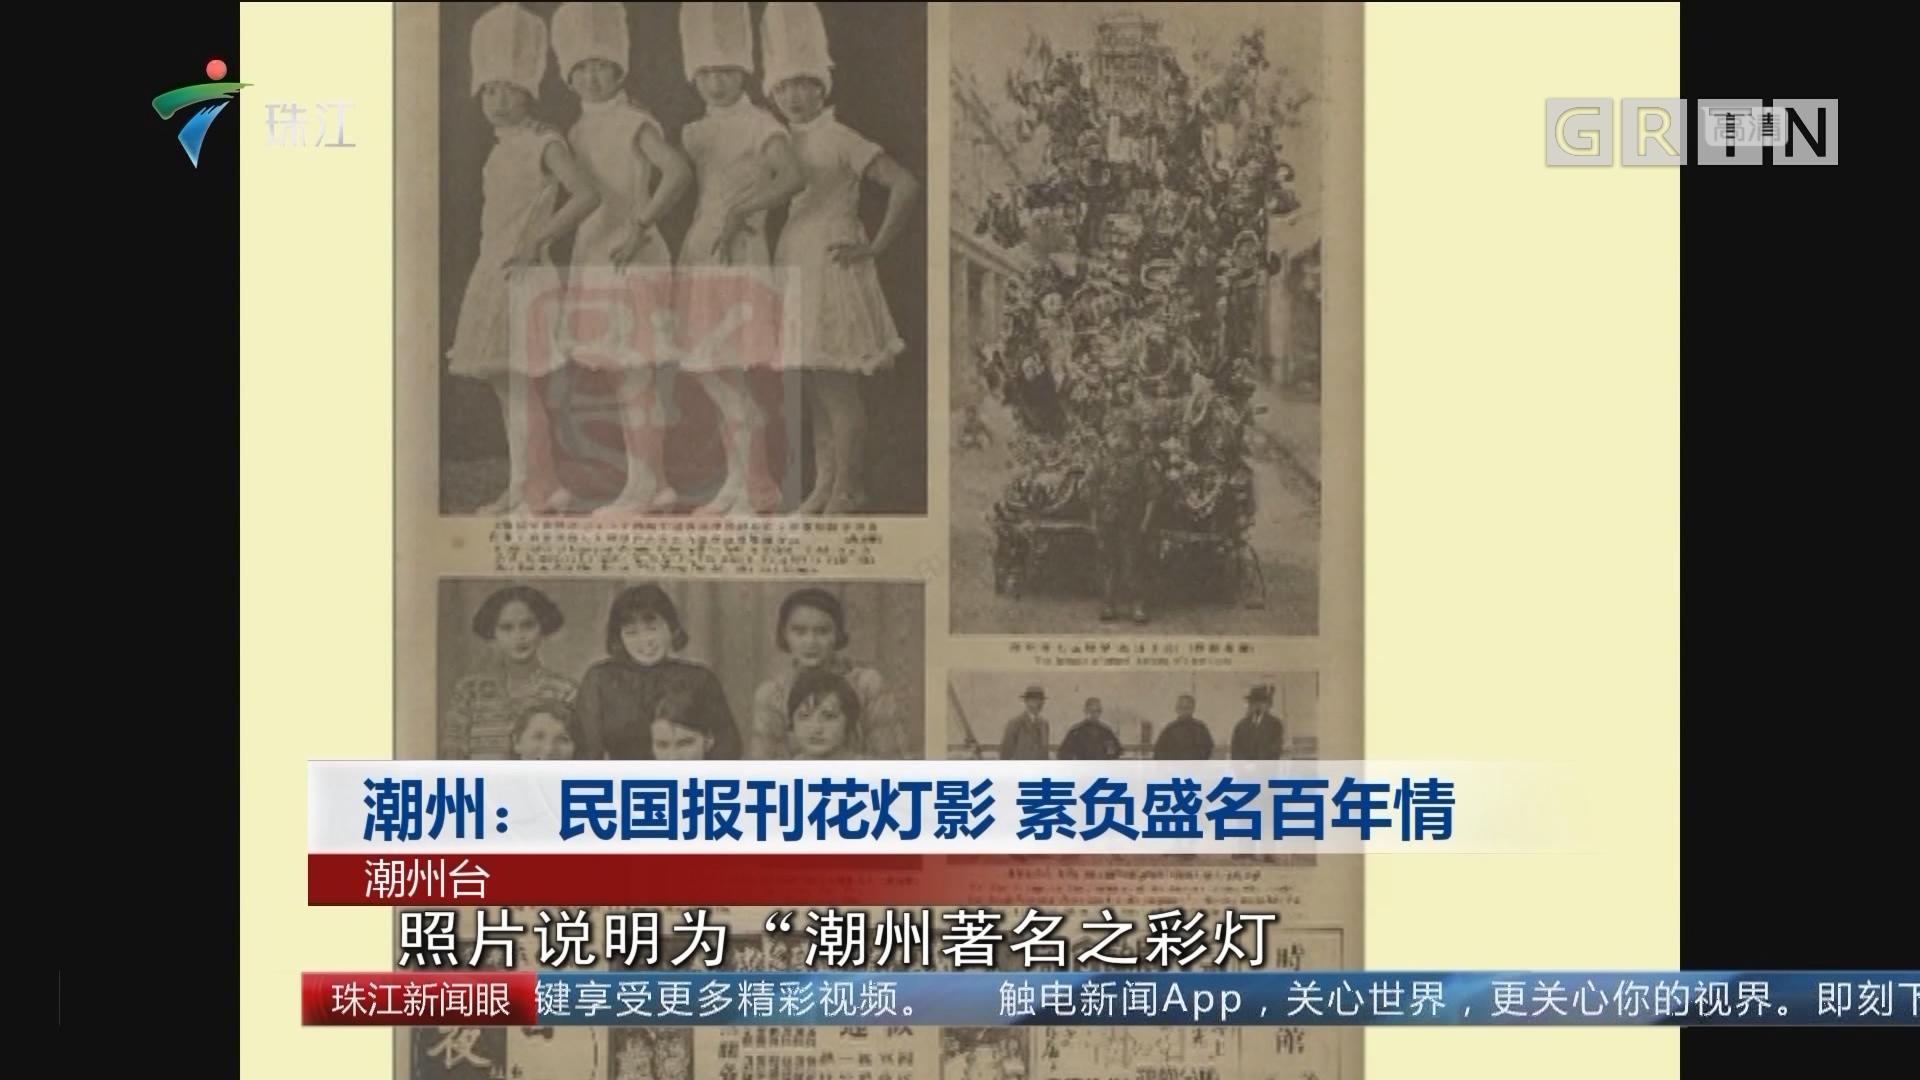 潮州:民国报刊花灯影 素负盛名百年情